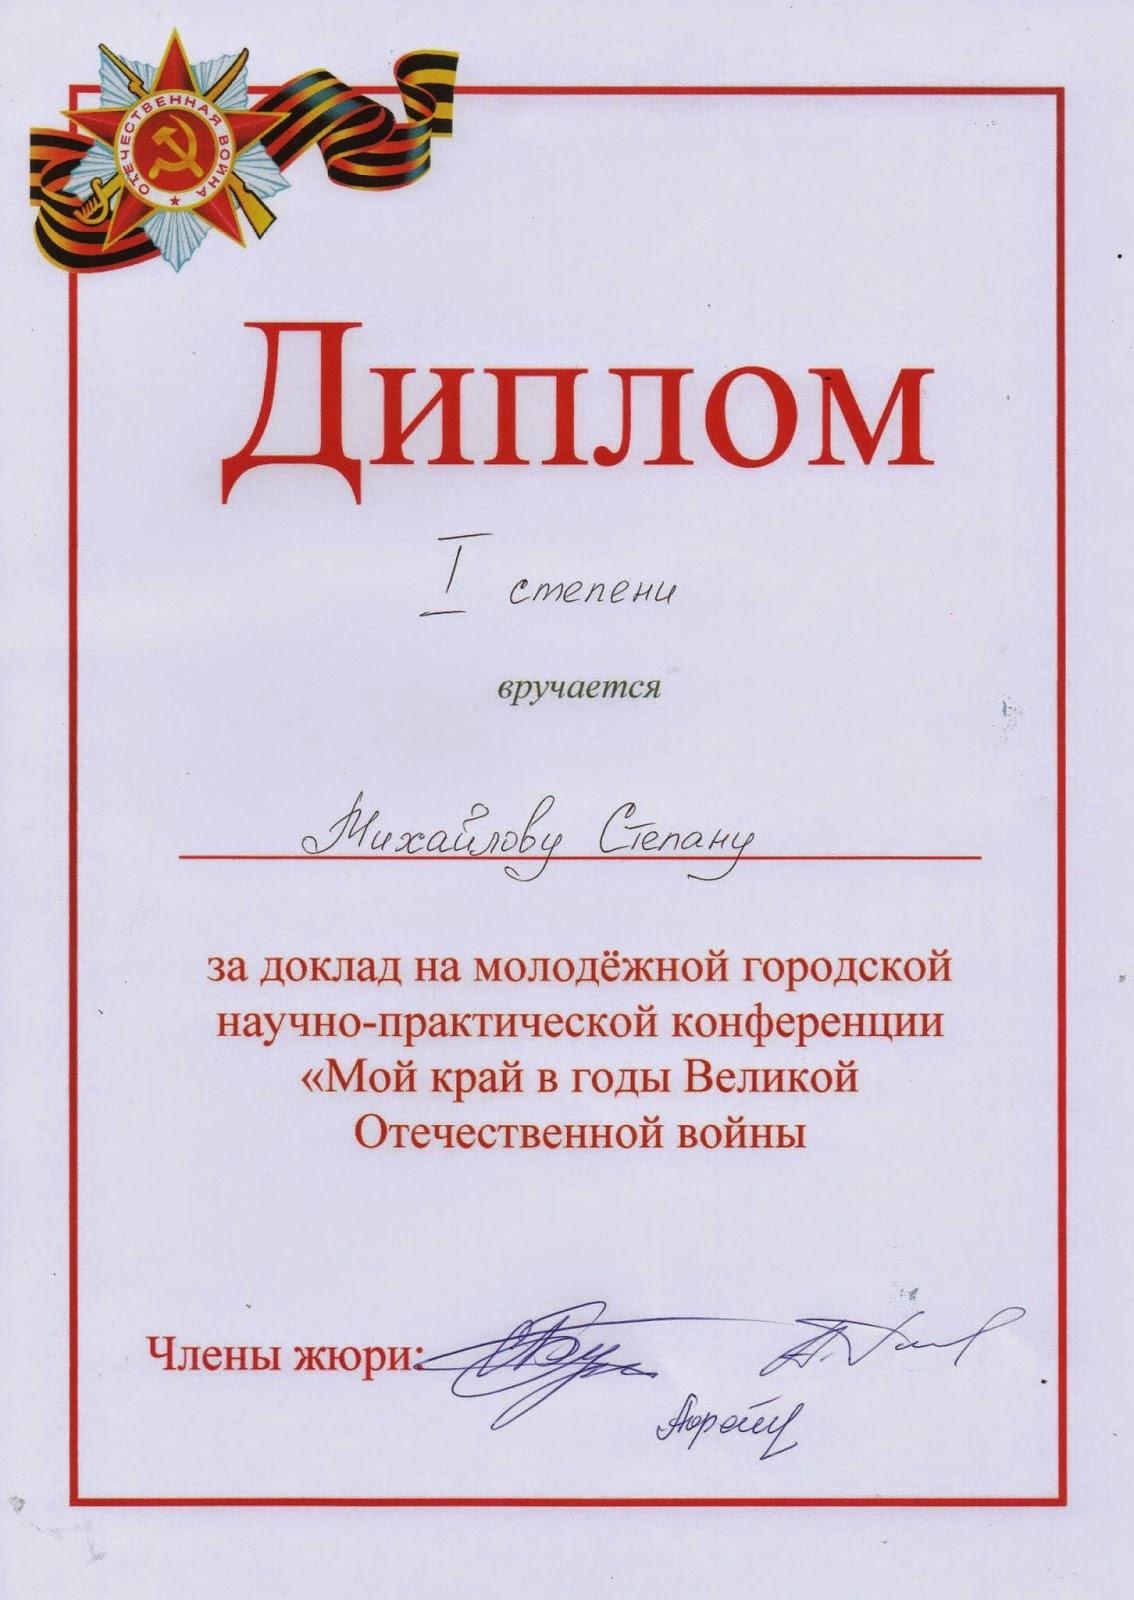 Крымская ( ялтинская ) конференция 1945 г представители: и сталин, у черчи